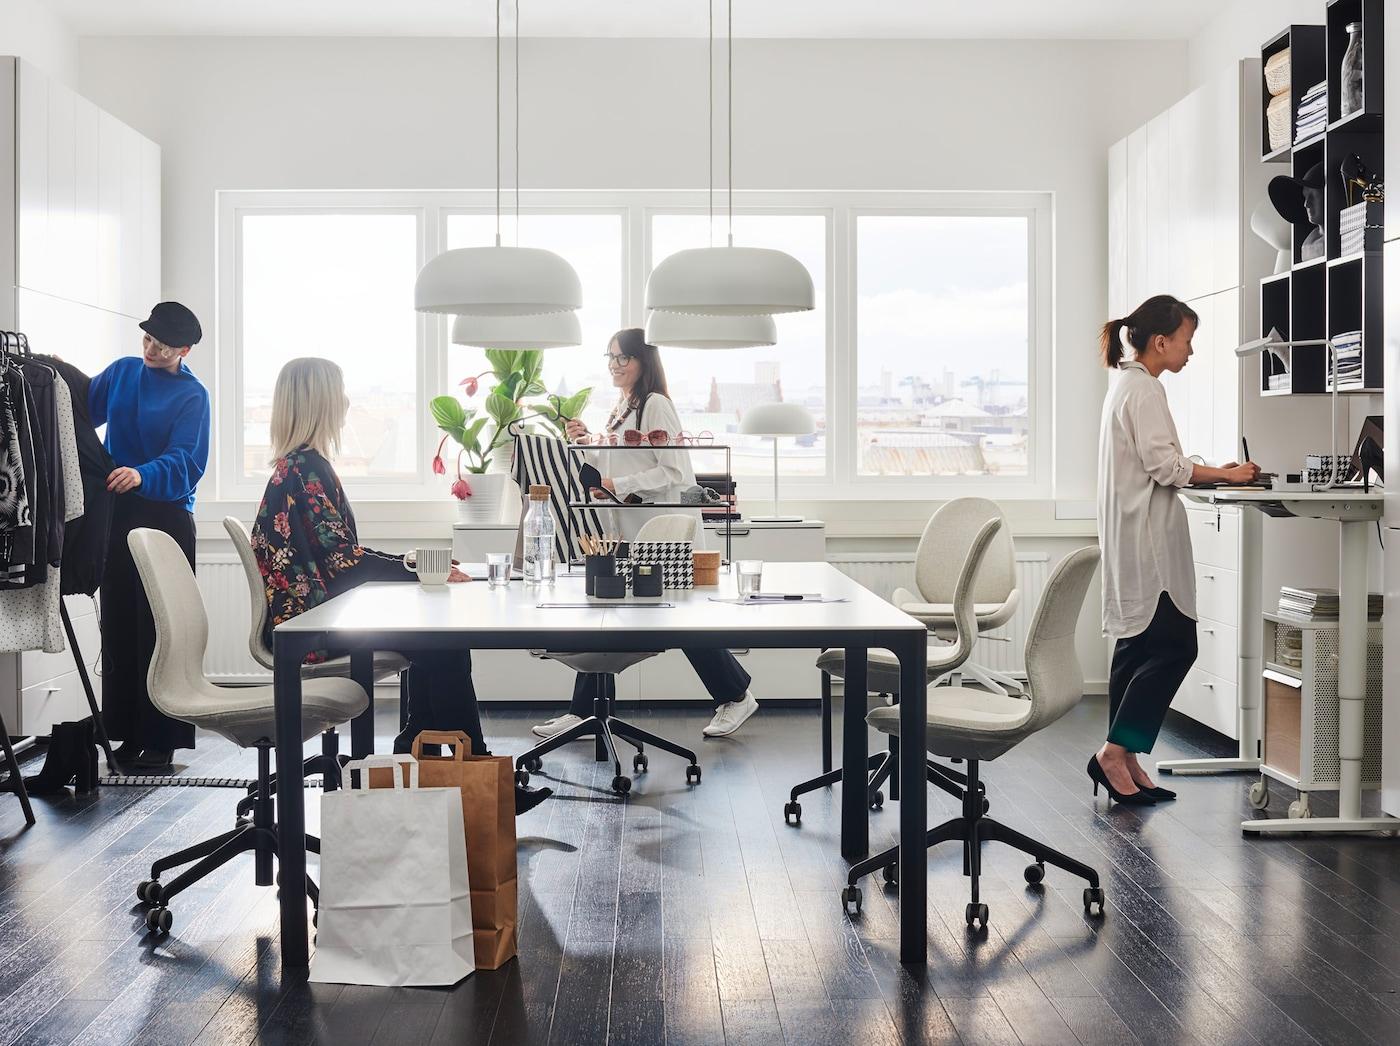 ترتيبات مكتب أبيض معاصر بما في ذلك مكاتب الجلوس-الوقوفBEKANT بيضاء اللون ووحدات تنظيم الرفوف السوداء.